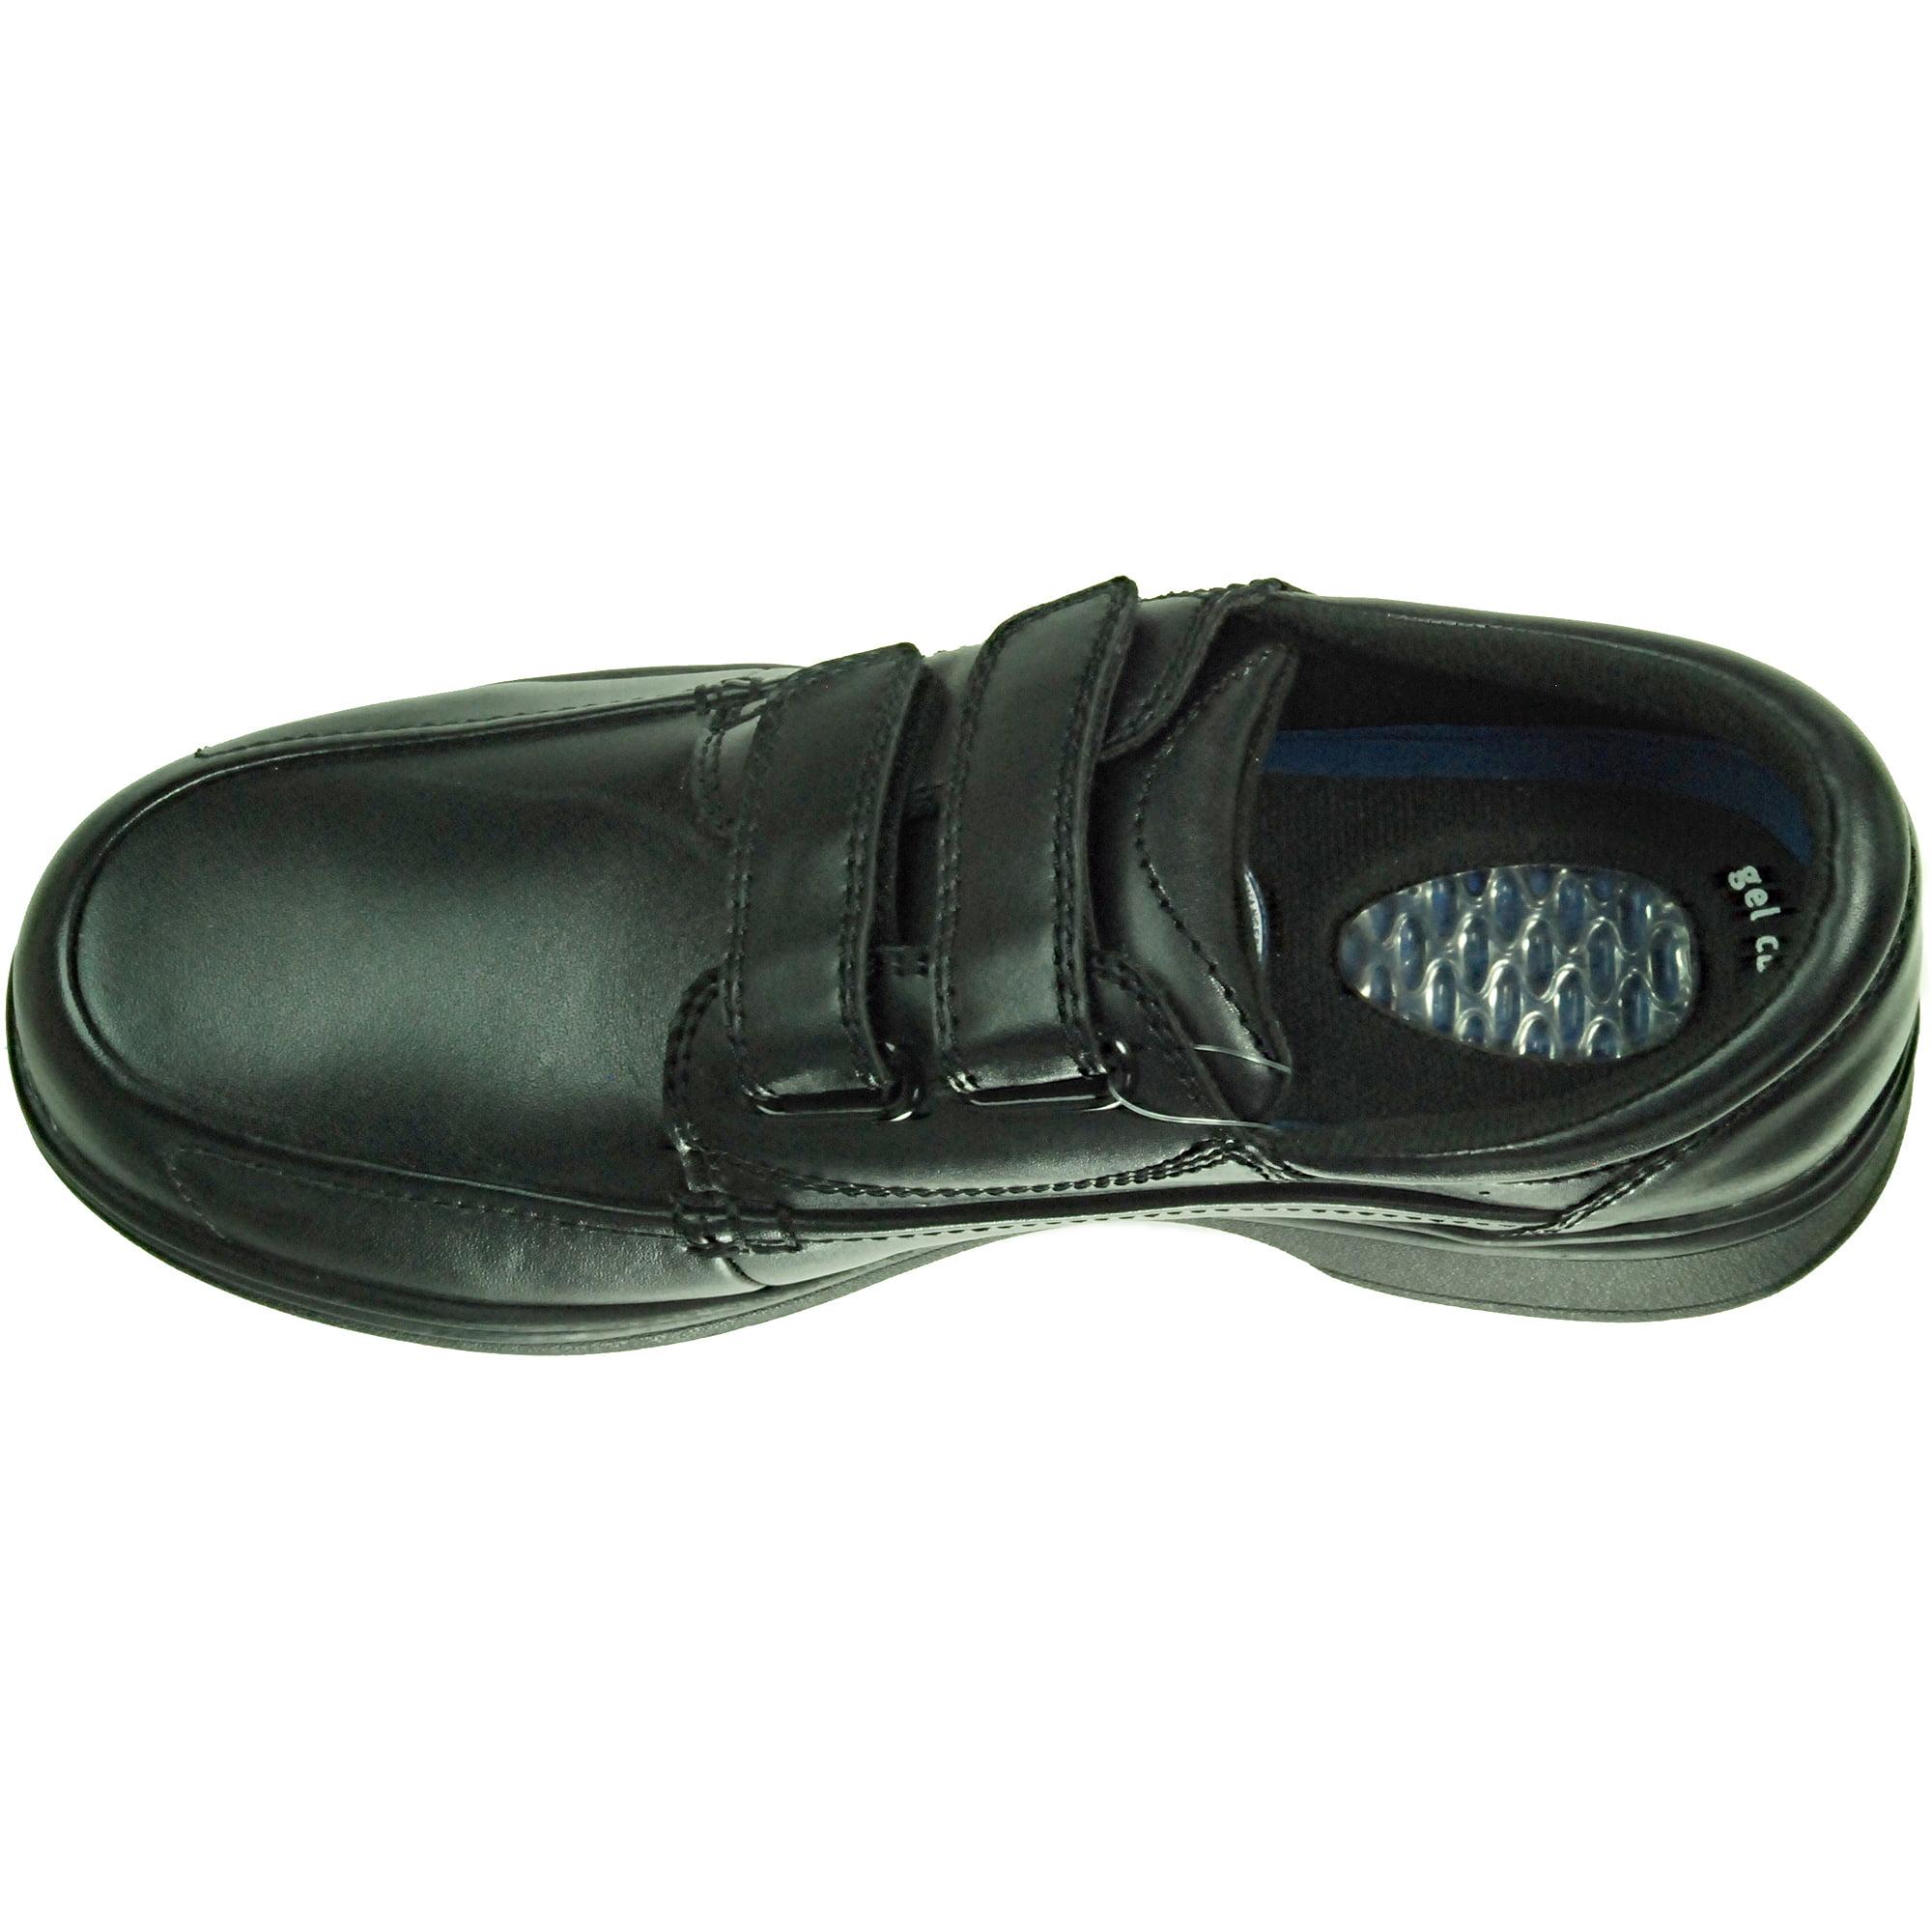 Dr. Scholls Mens Casual Shoes - Walmart